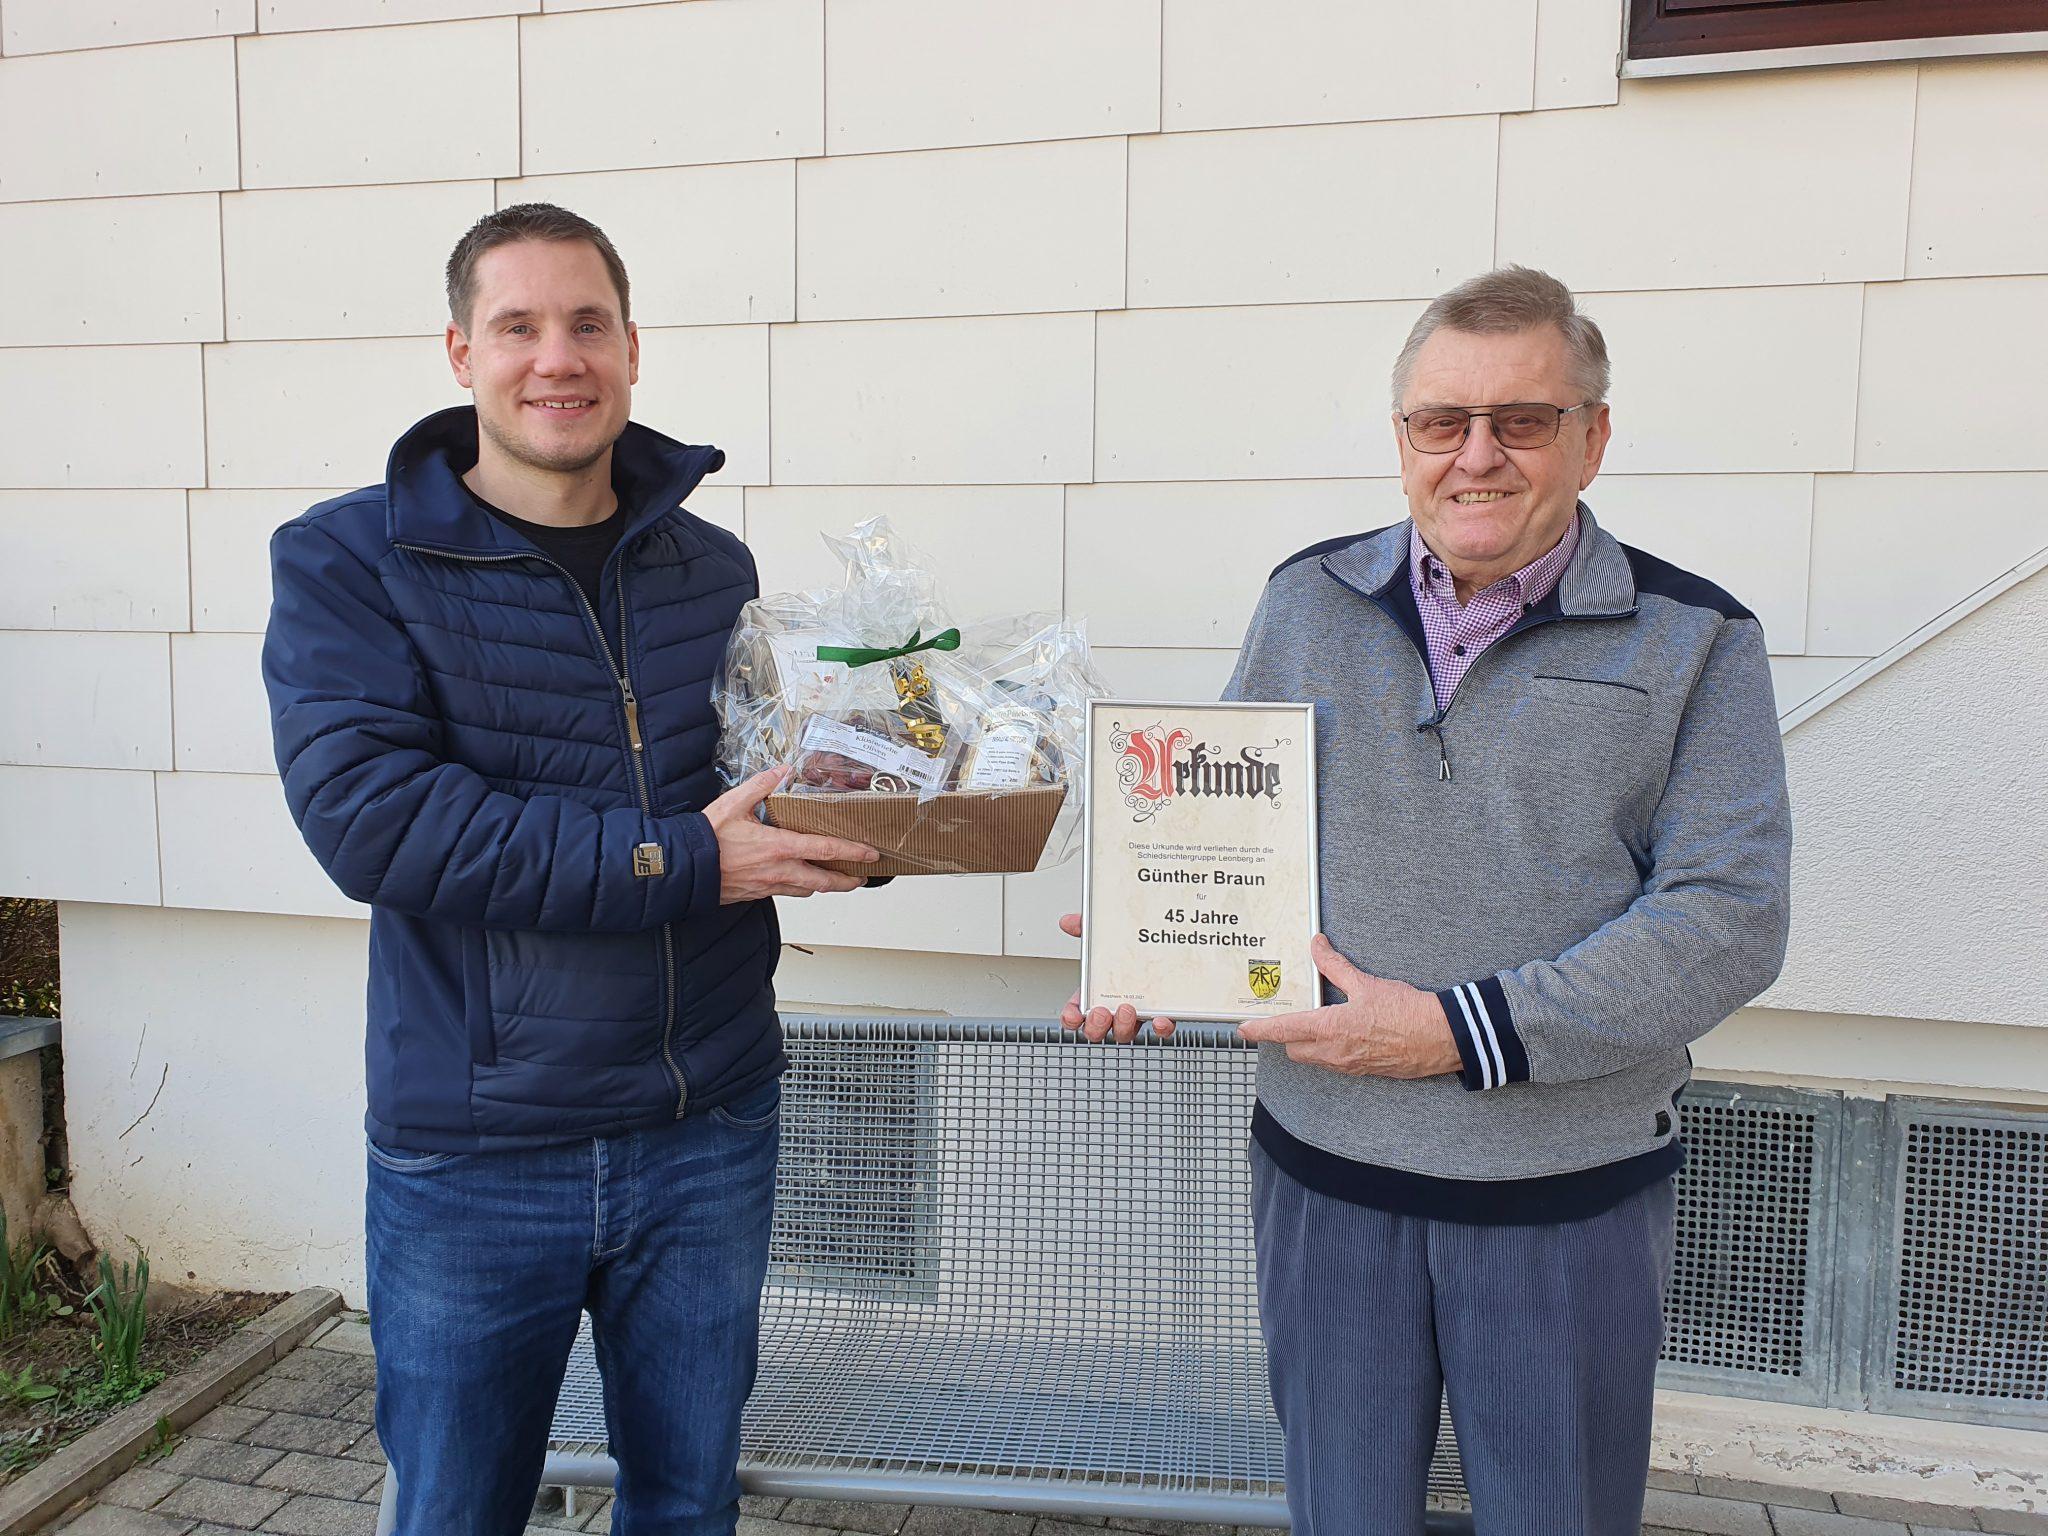 Günther Braun - 45 Jahre Schiedsrichter